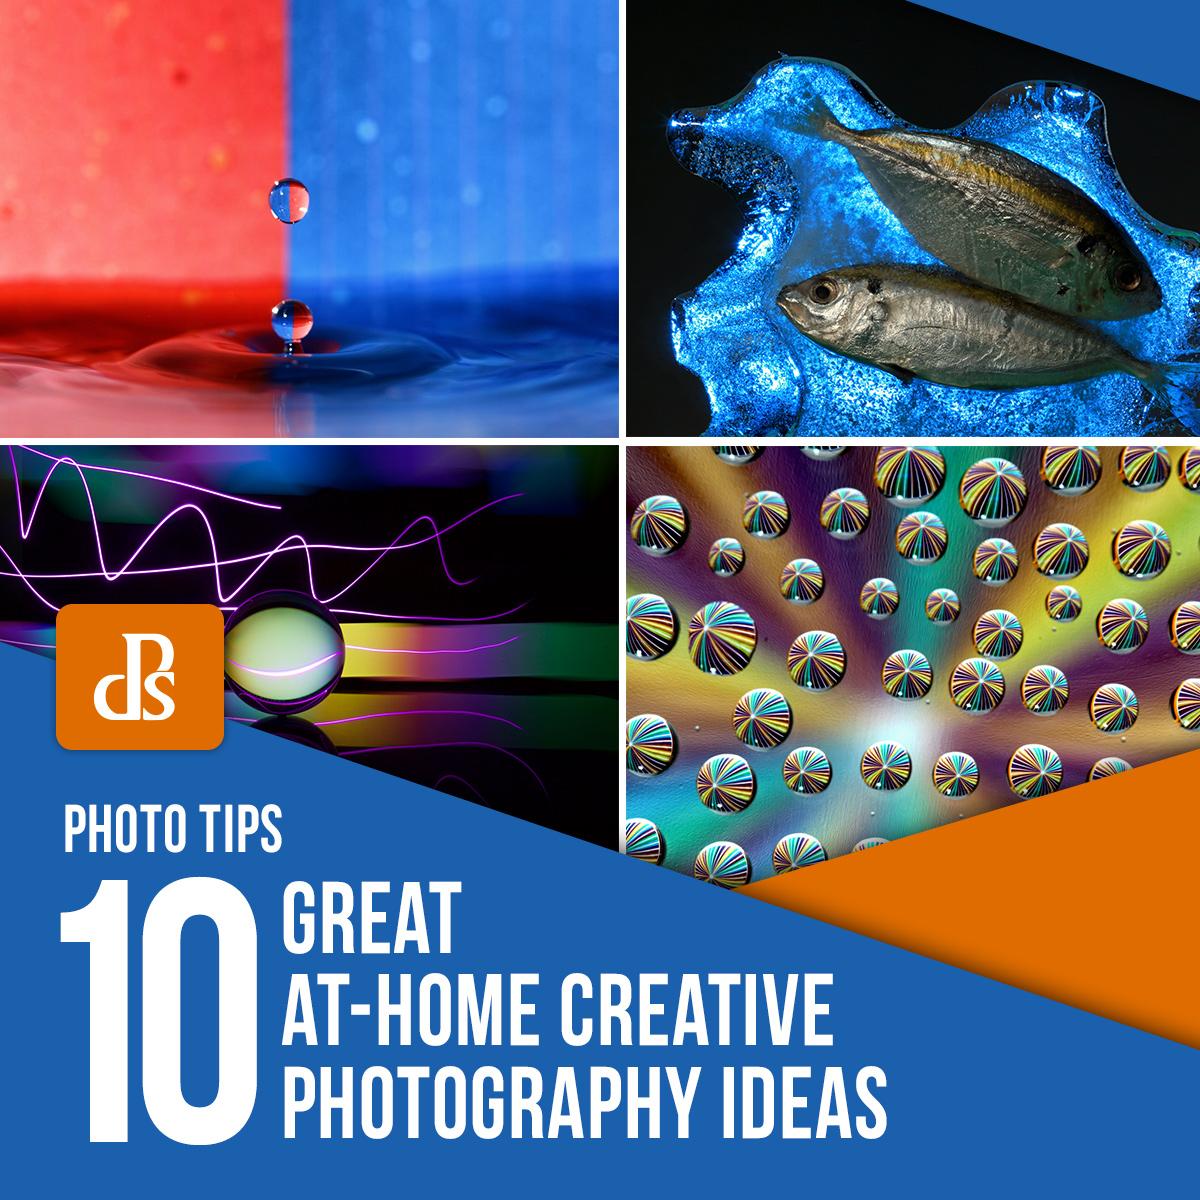 idéias criativas de fotografia em casa